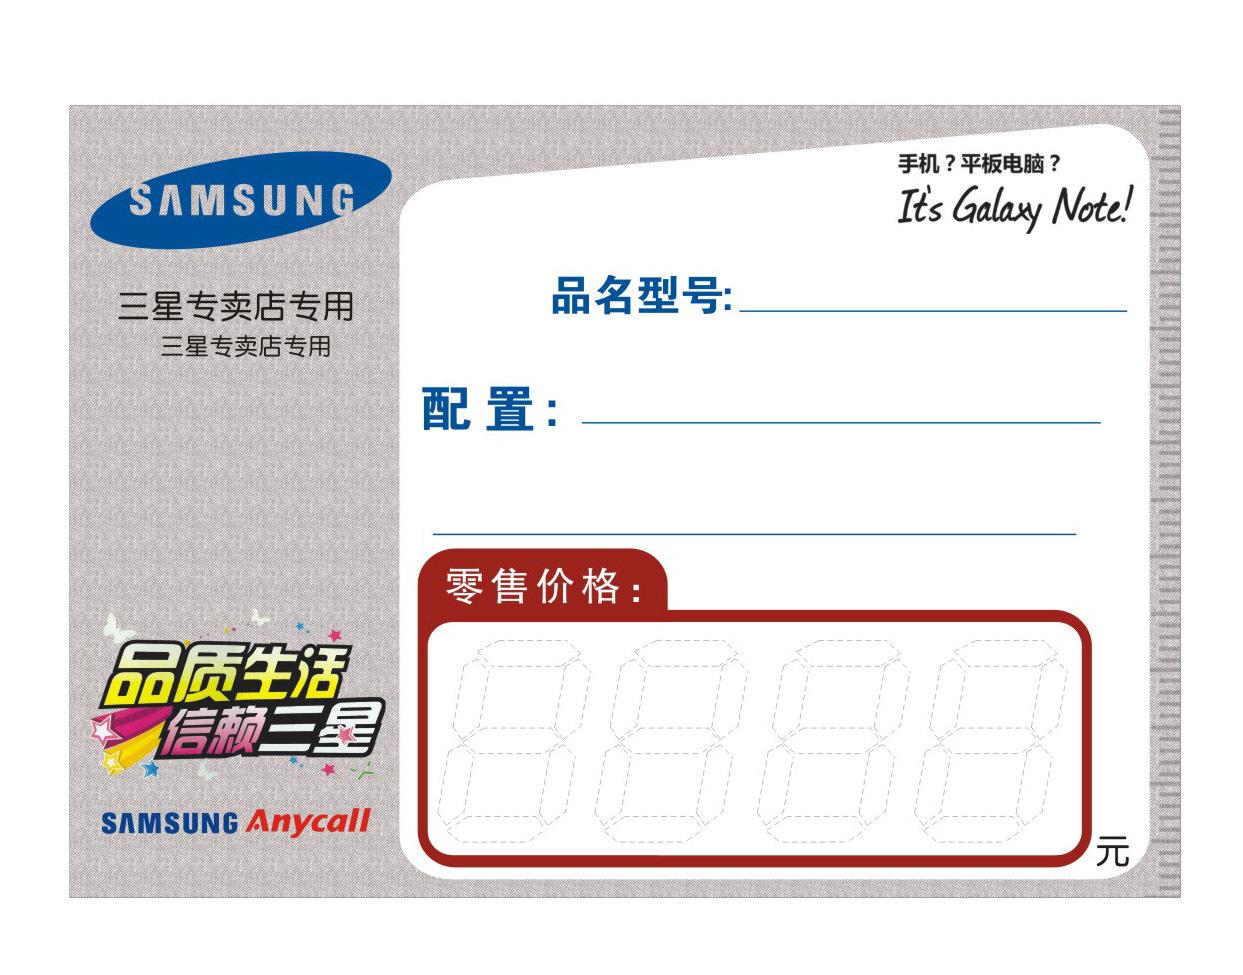 Этикетка Samsung телефон Цена Samsung Samsung телефон Samsung компьютер цену маркировки в цену лицензии